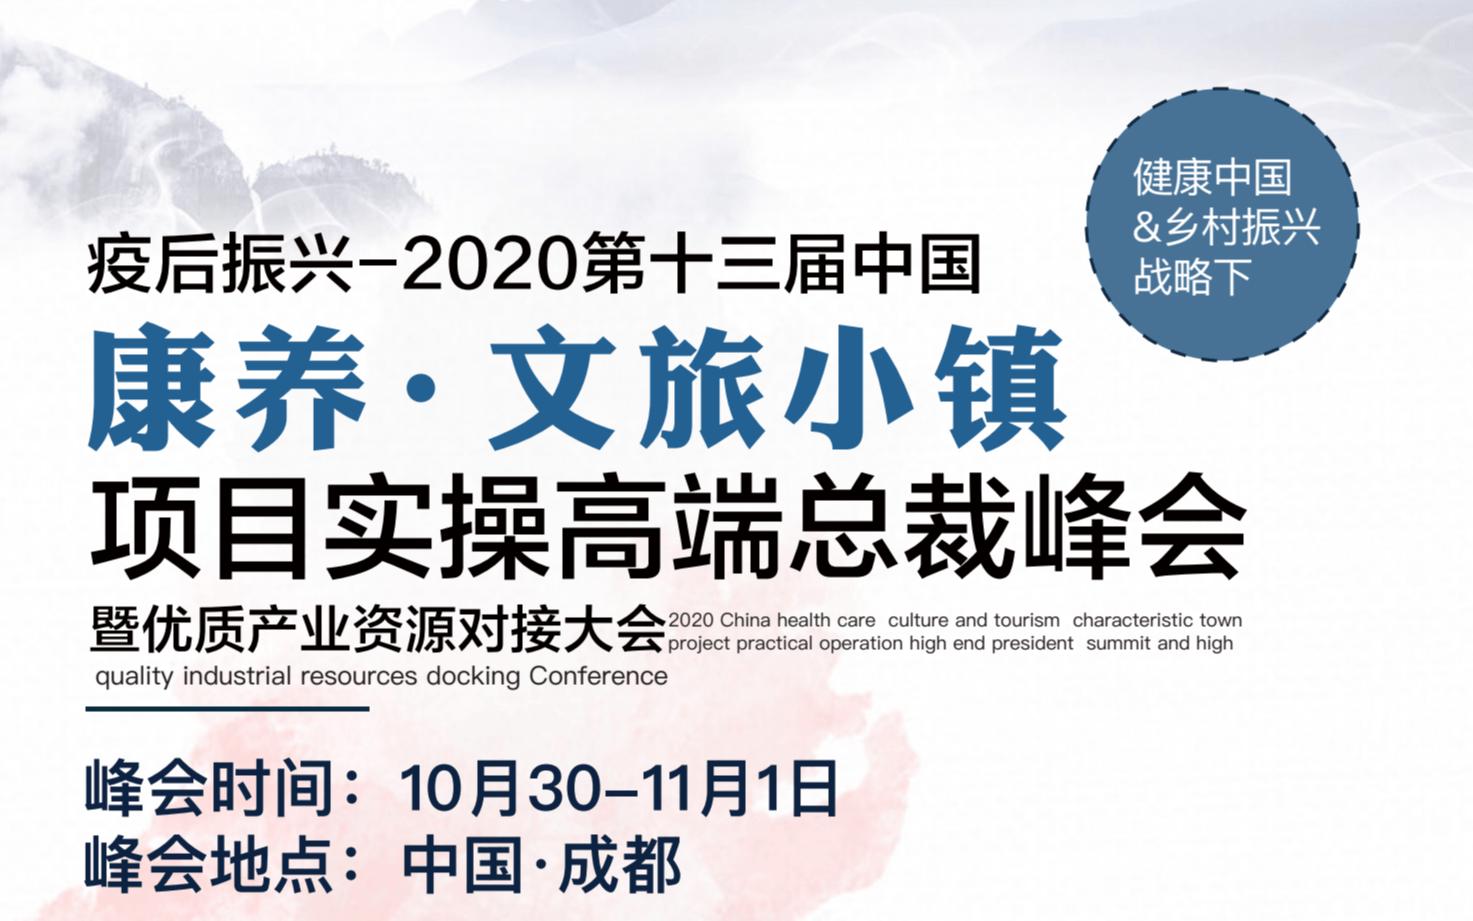 疫后振兴-2020第十三届中国康养.文旅小镇项目实操高端总裁峰会